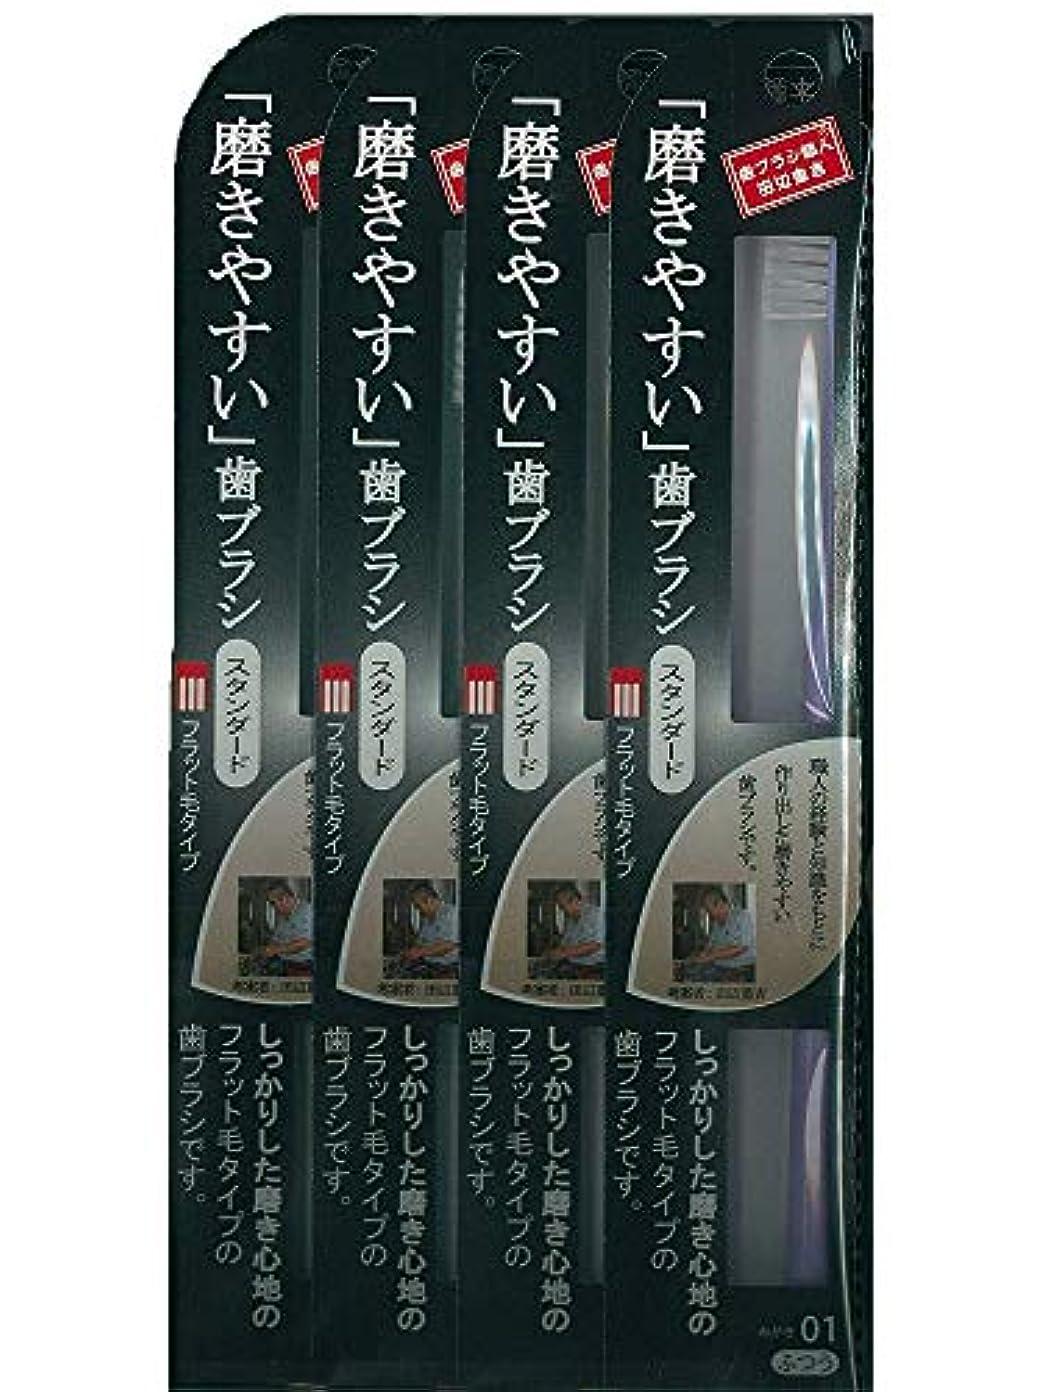 想像する半球が欲しい歯ブラシ職人 田辺重吉 磨きやすい歯ブラシ スタンダード フラット毛タイプ LT-01 (1本×4個セット)